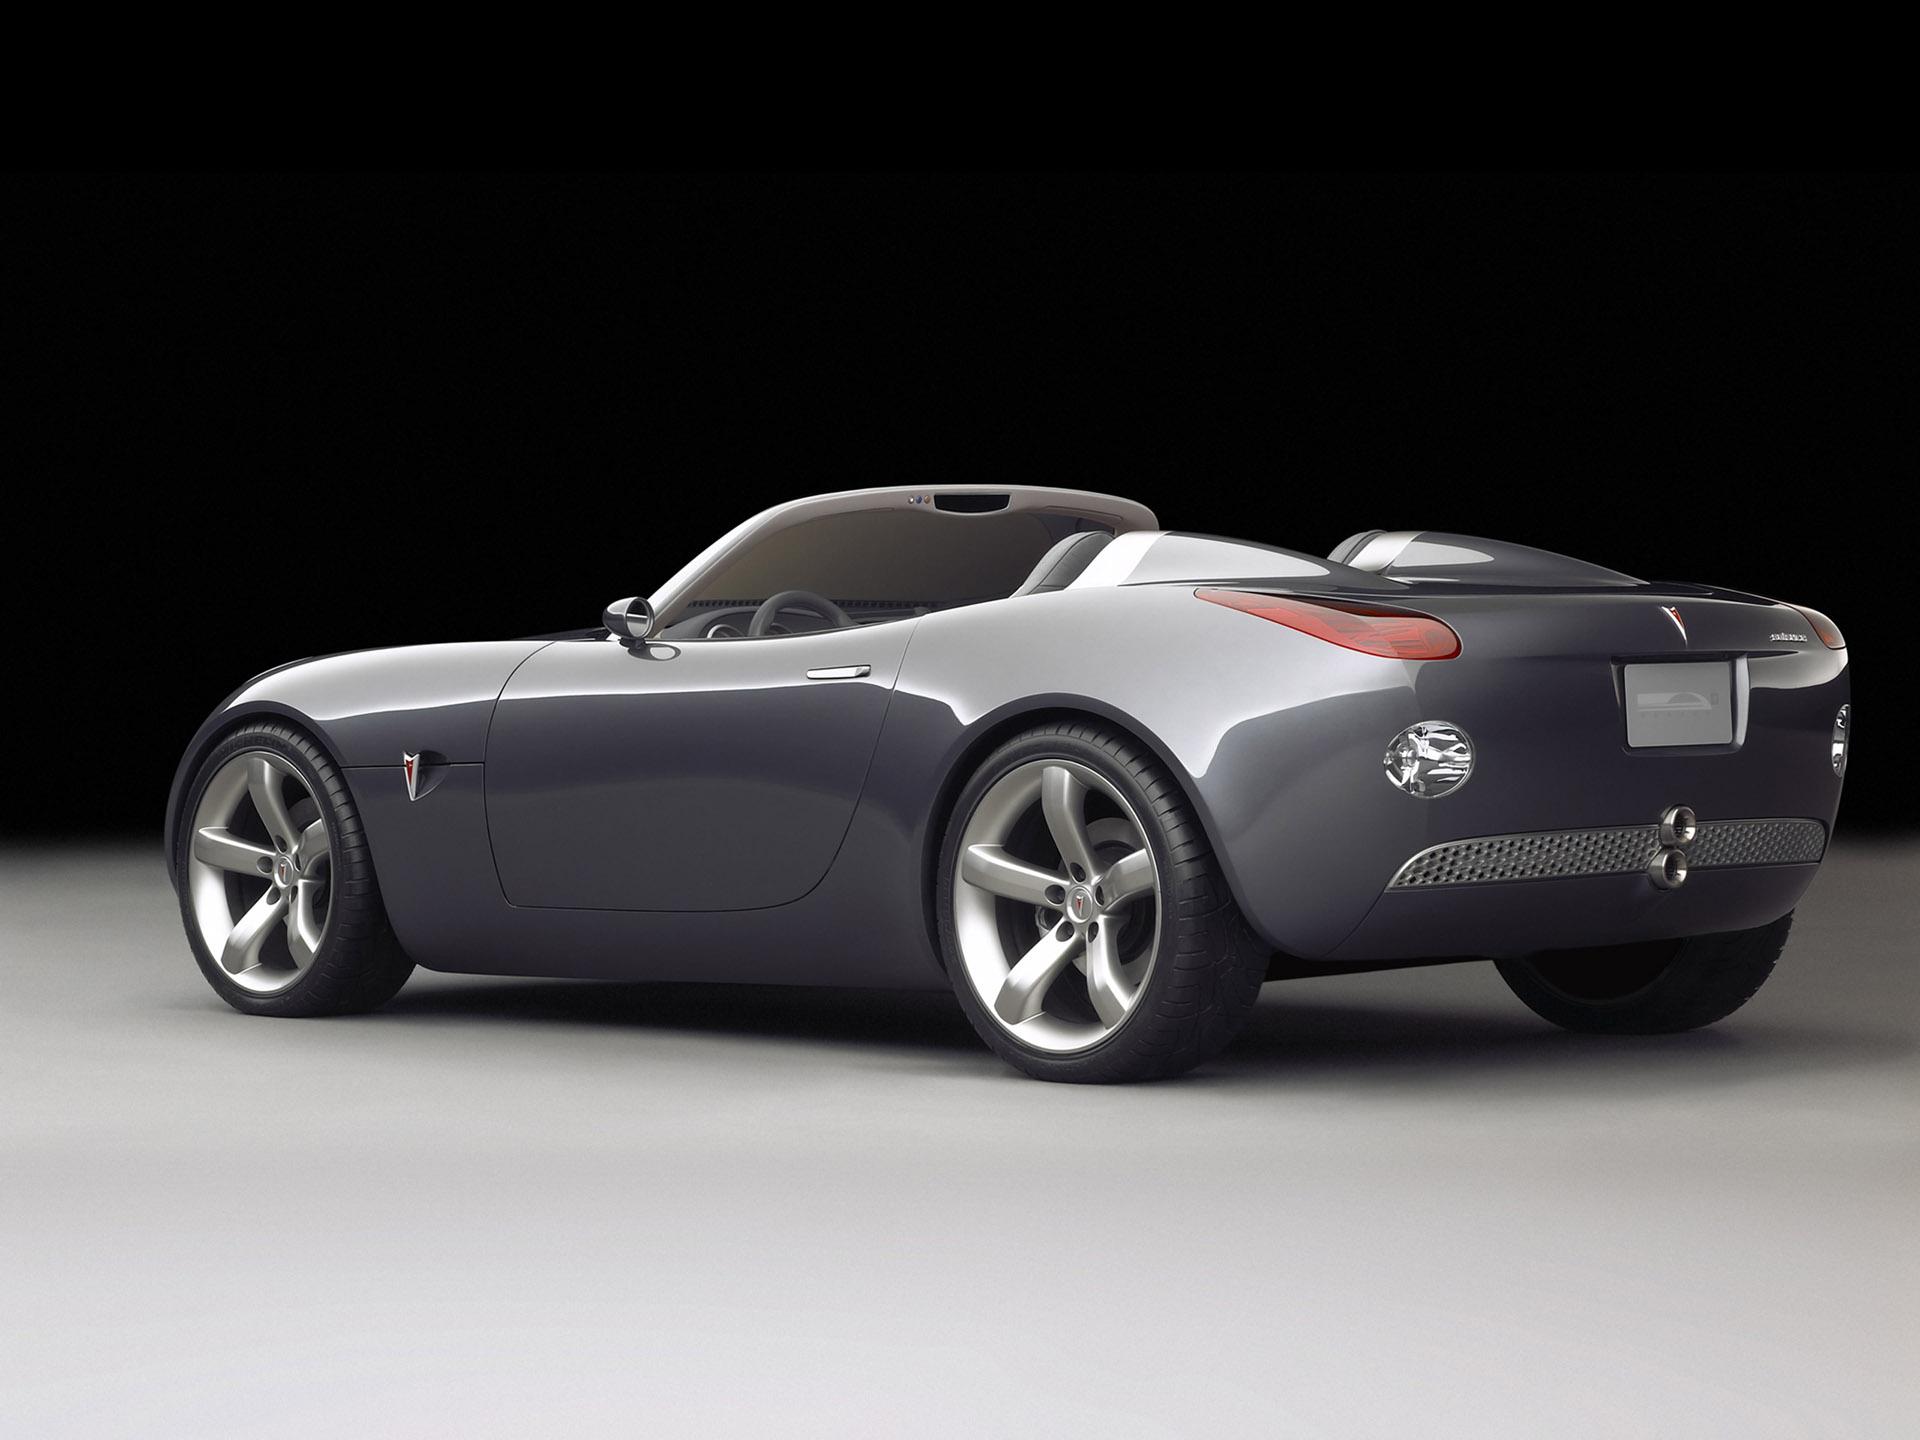 Pontiac Solstice Convertible Concept Car 2002